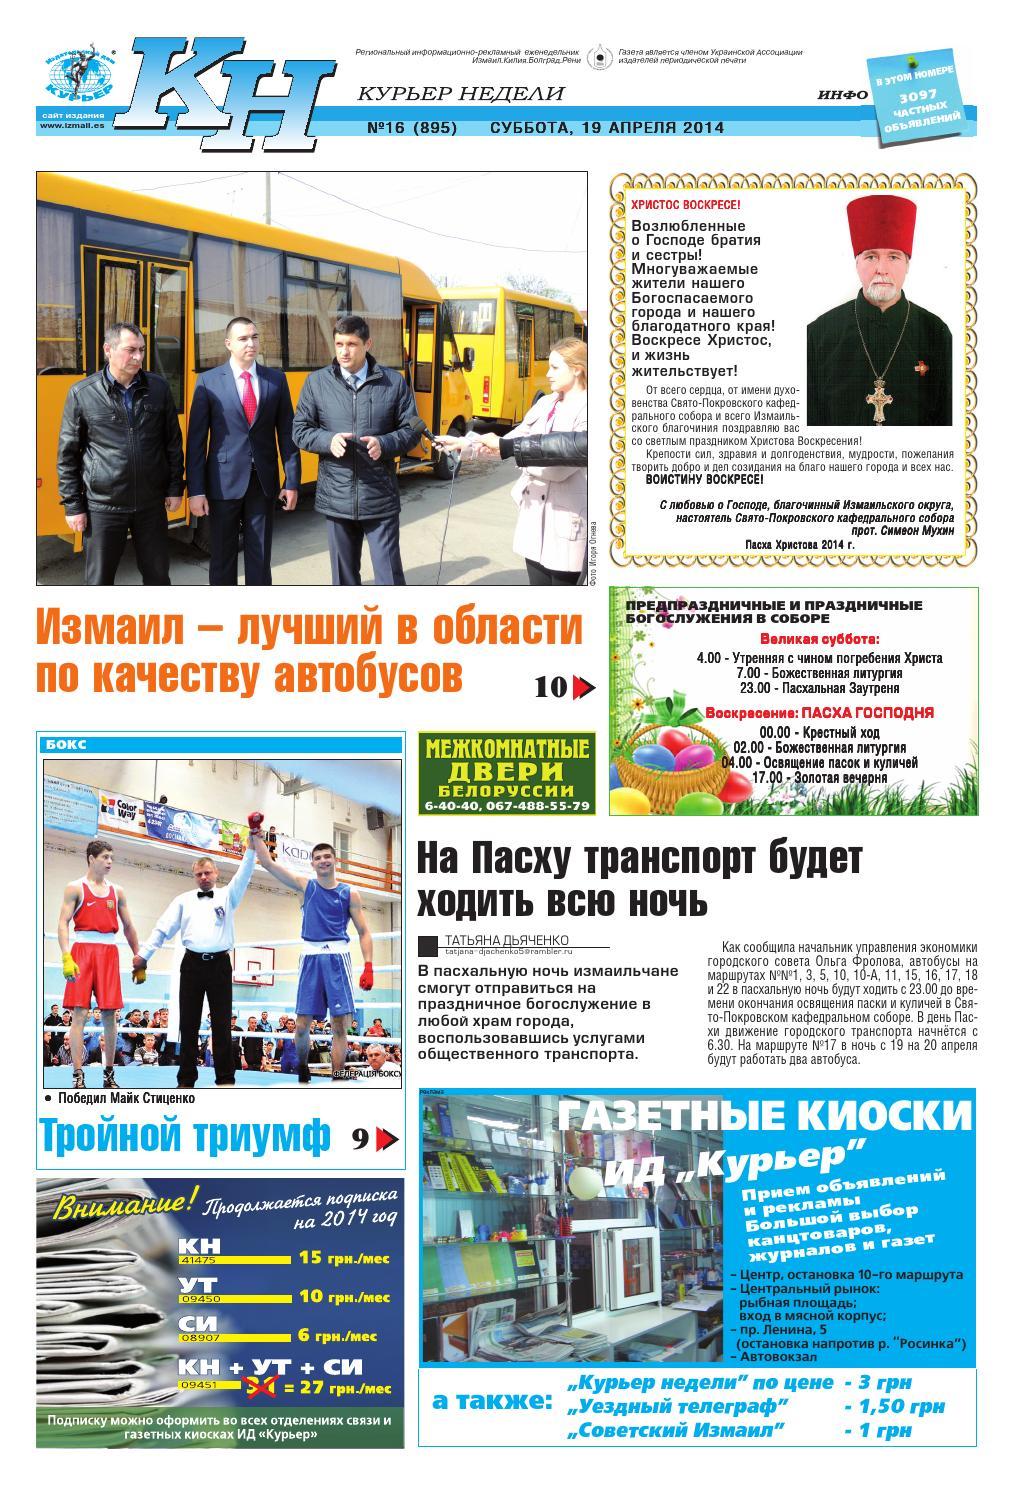 Курьер недели №16 за 19 апреля by Издательский дом